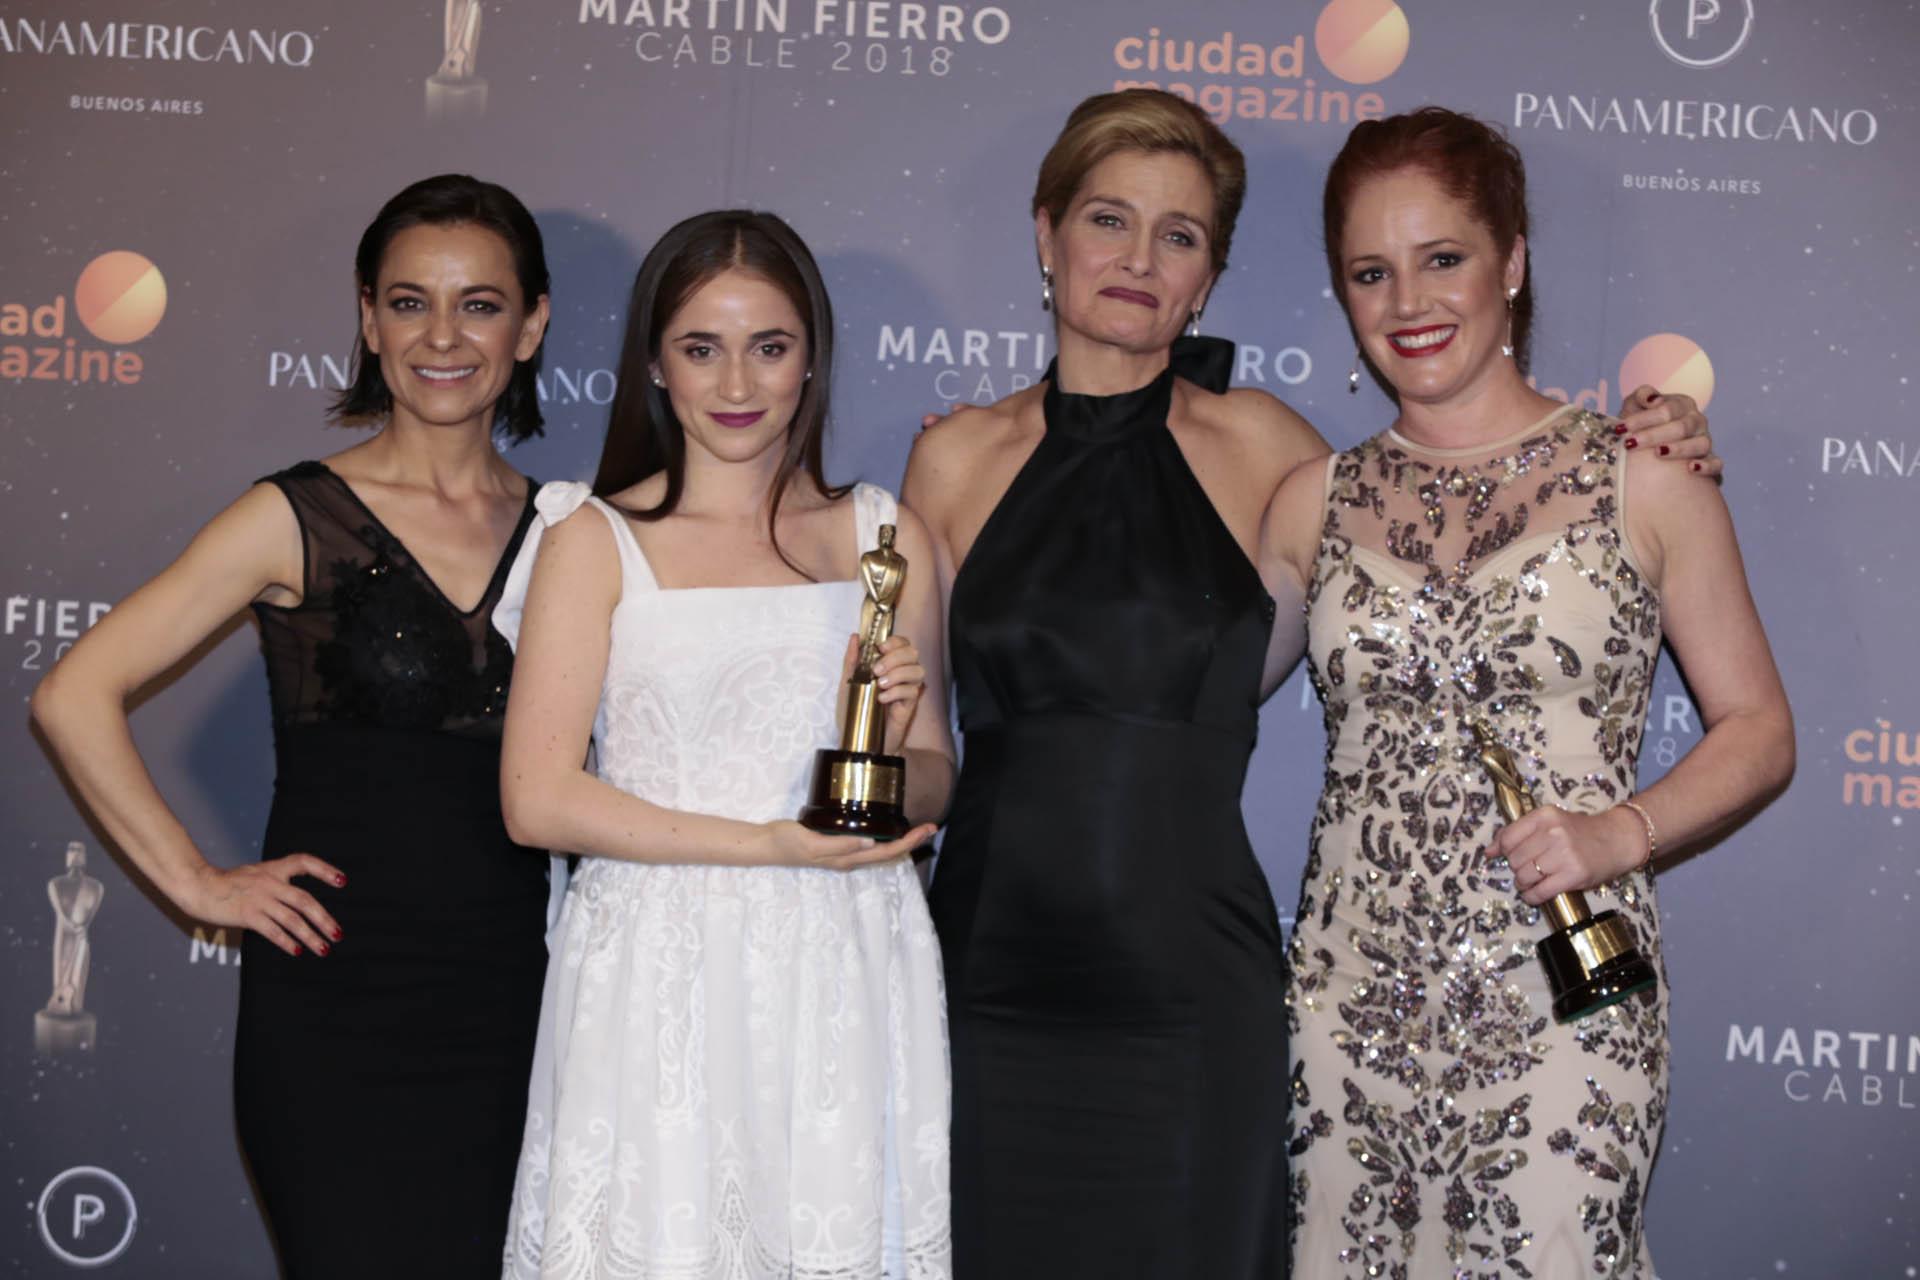 Resultado de imagen para premios martin fierro de cable carolina ibarra